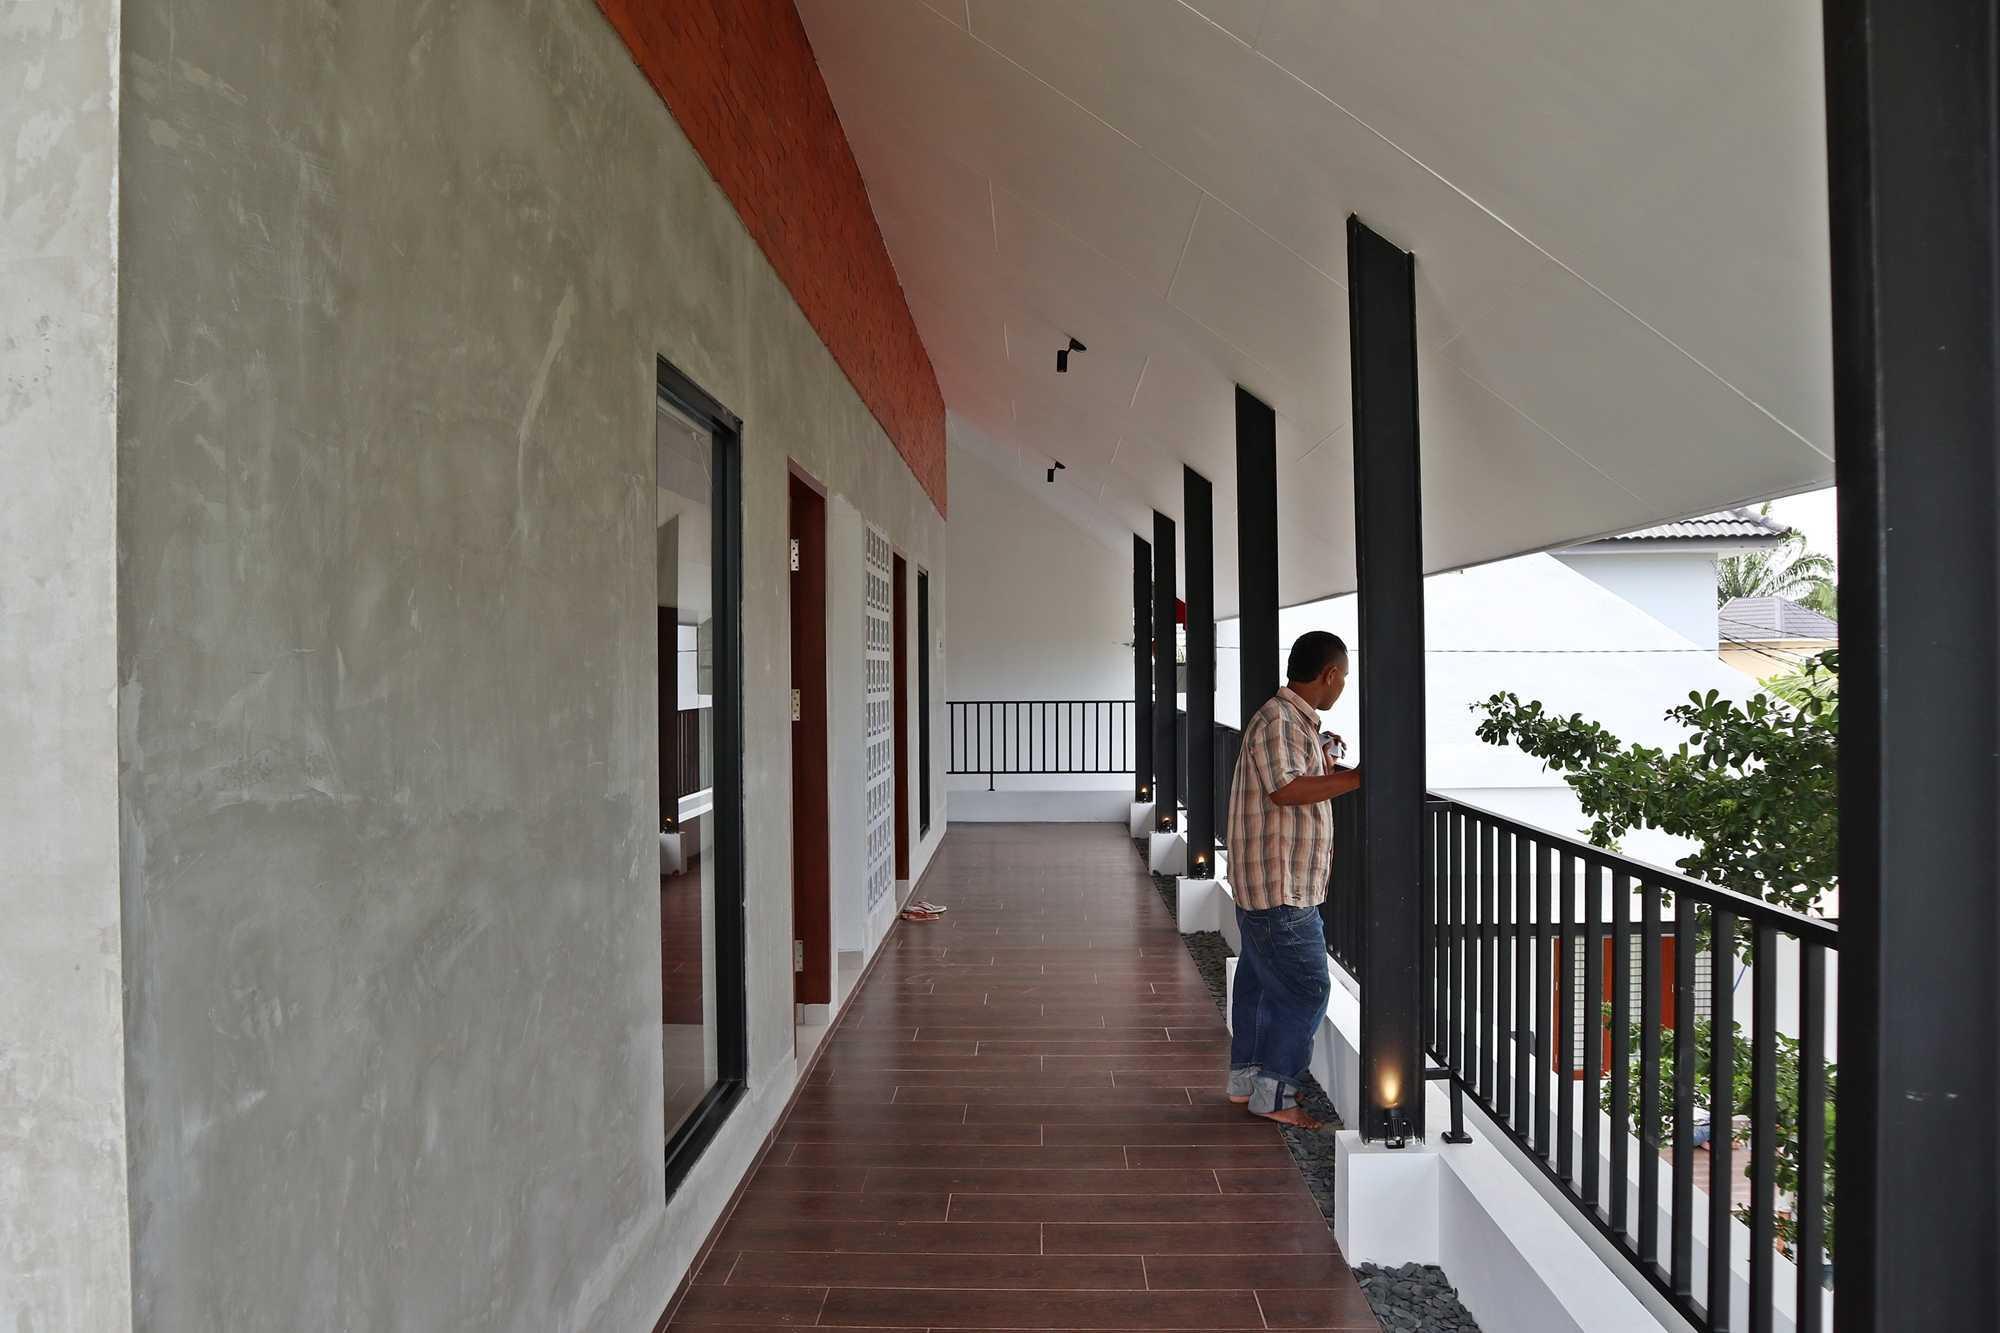 Bd Studio Je Villa House Medan, Kota Medan, Sumatera Utara, Indonesia Medan, Kota Medan, Sumatera Utara, Indonesia Bd-Studio-Je-Villa-House  74121